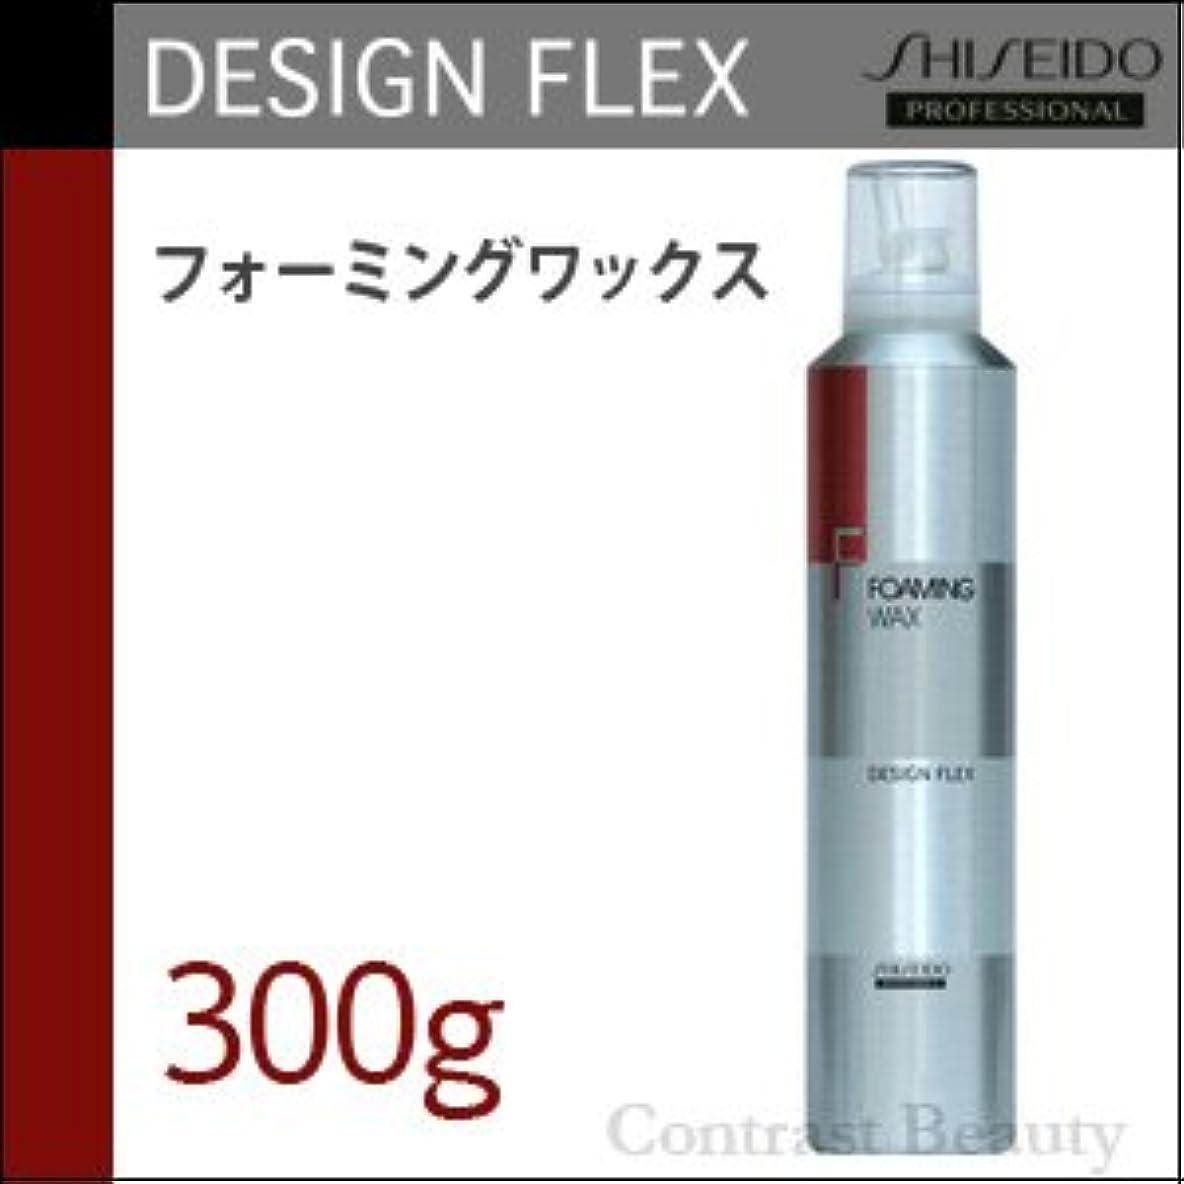 ウェイターワイプ縮約【x3個セット】 資生堂 デザインフレックス フォーミングワックス 300g